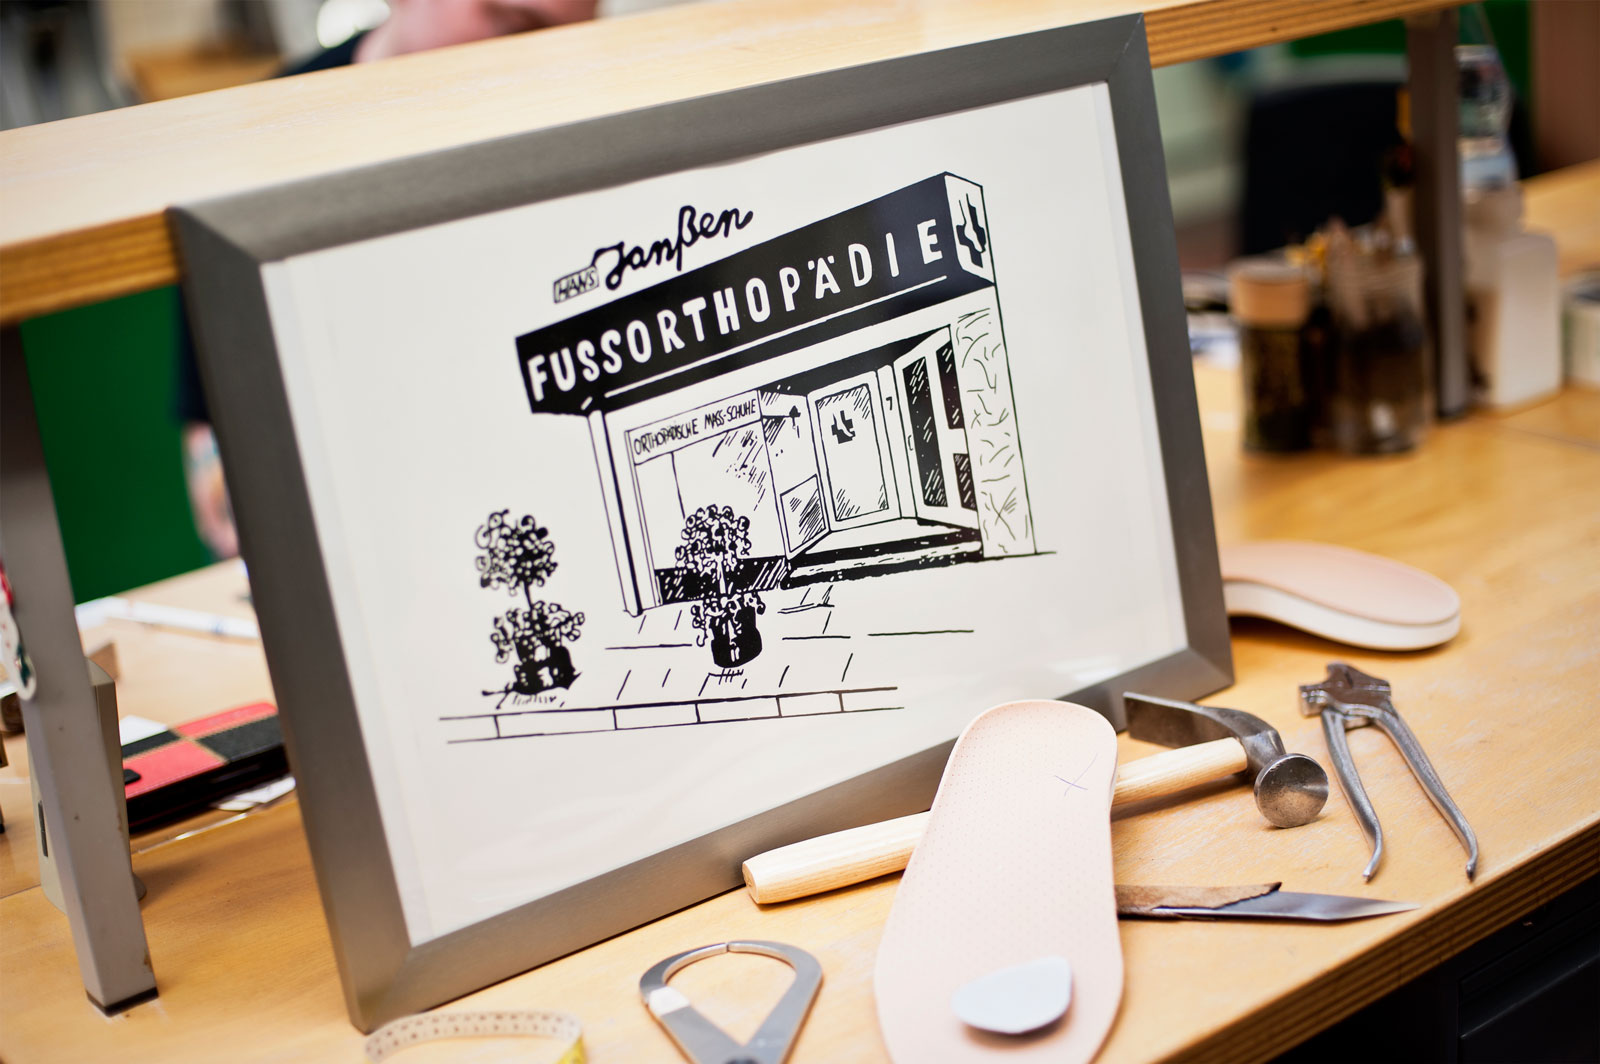 70 Jahre Fußorthopädie Janßen – Altes Handwerk von innovativen Köpfen